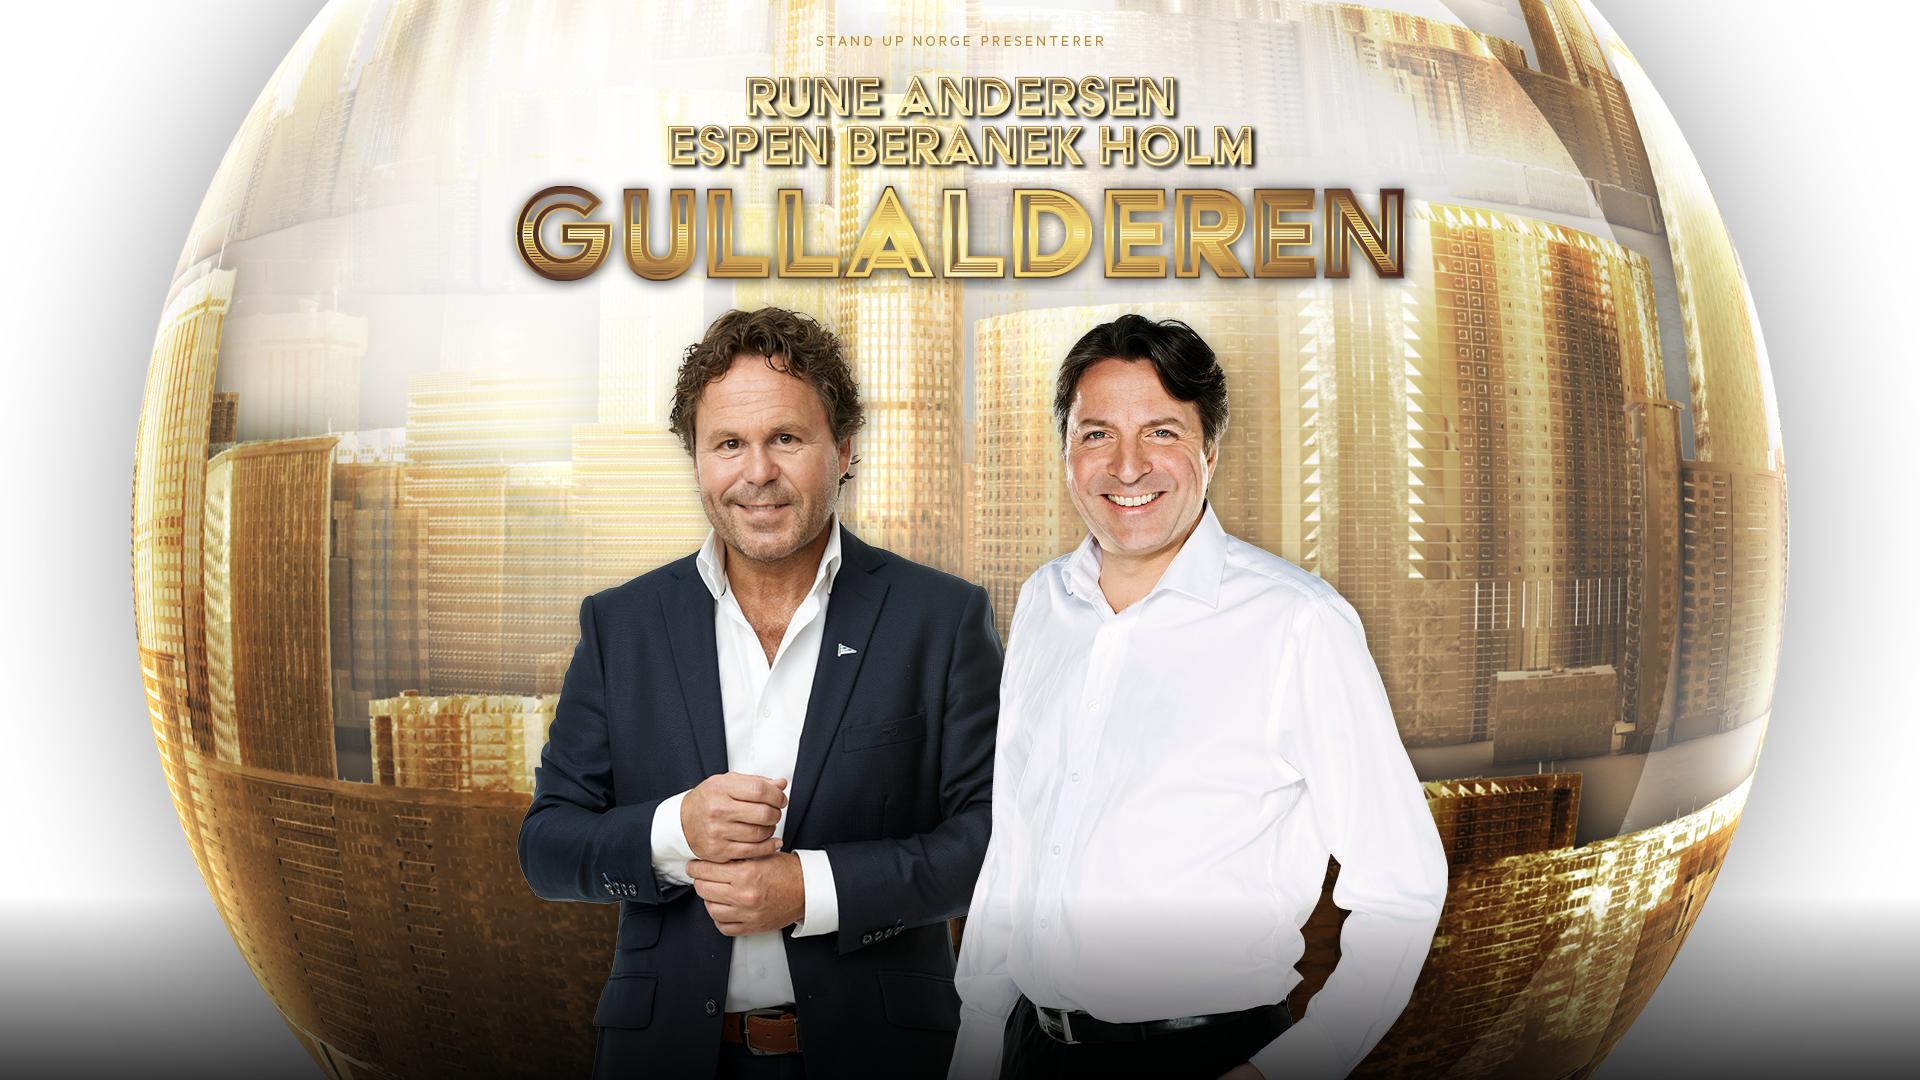 Rune Andersen & Espen Beranek Holm